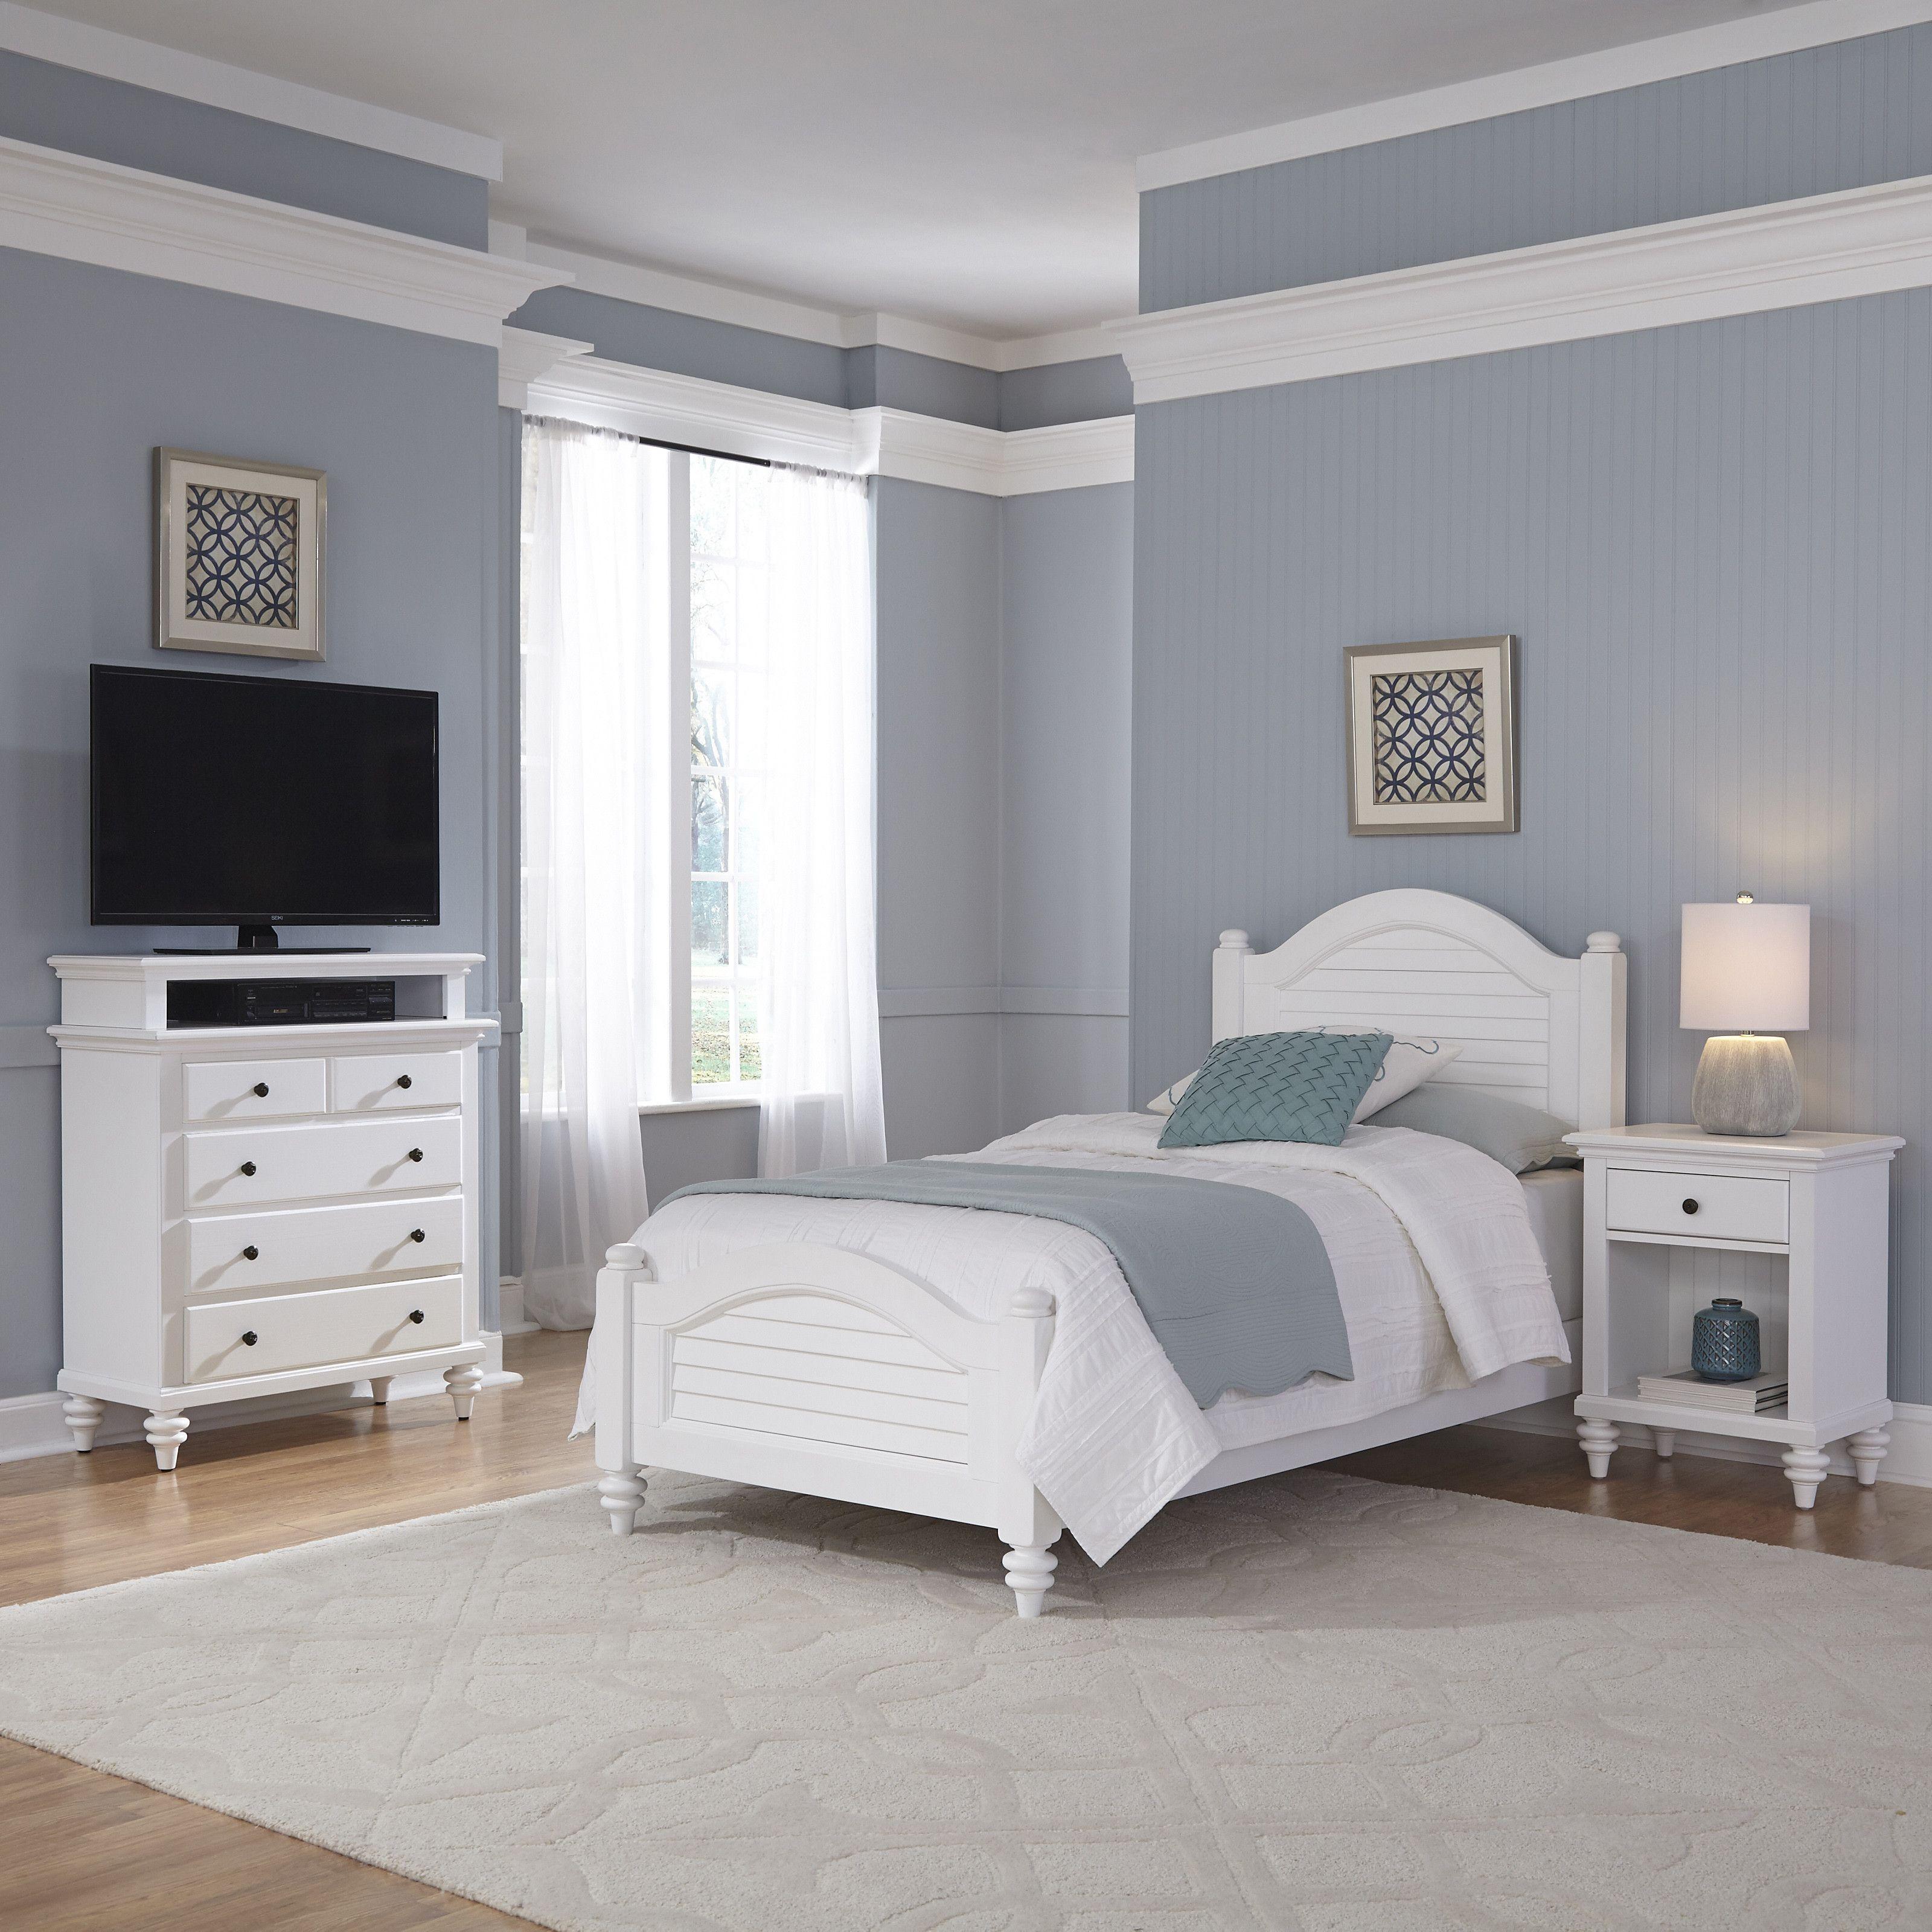 Best Home Styles Bermuda Panel 3 Piece Bedroom Set 5 Piece 400 x 300